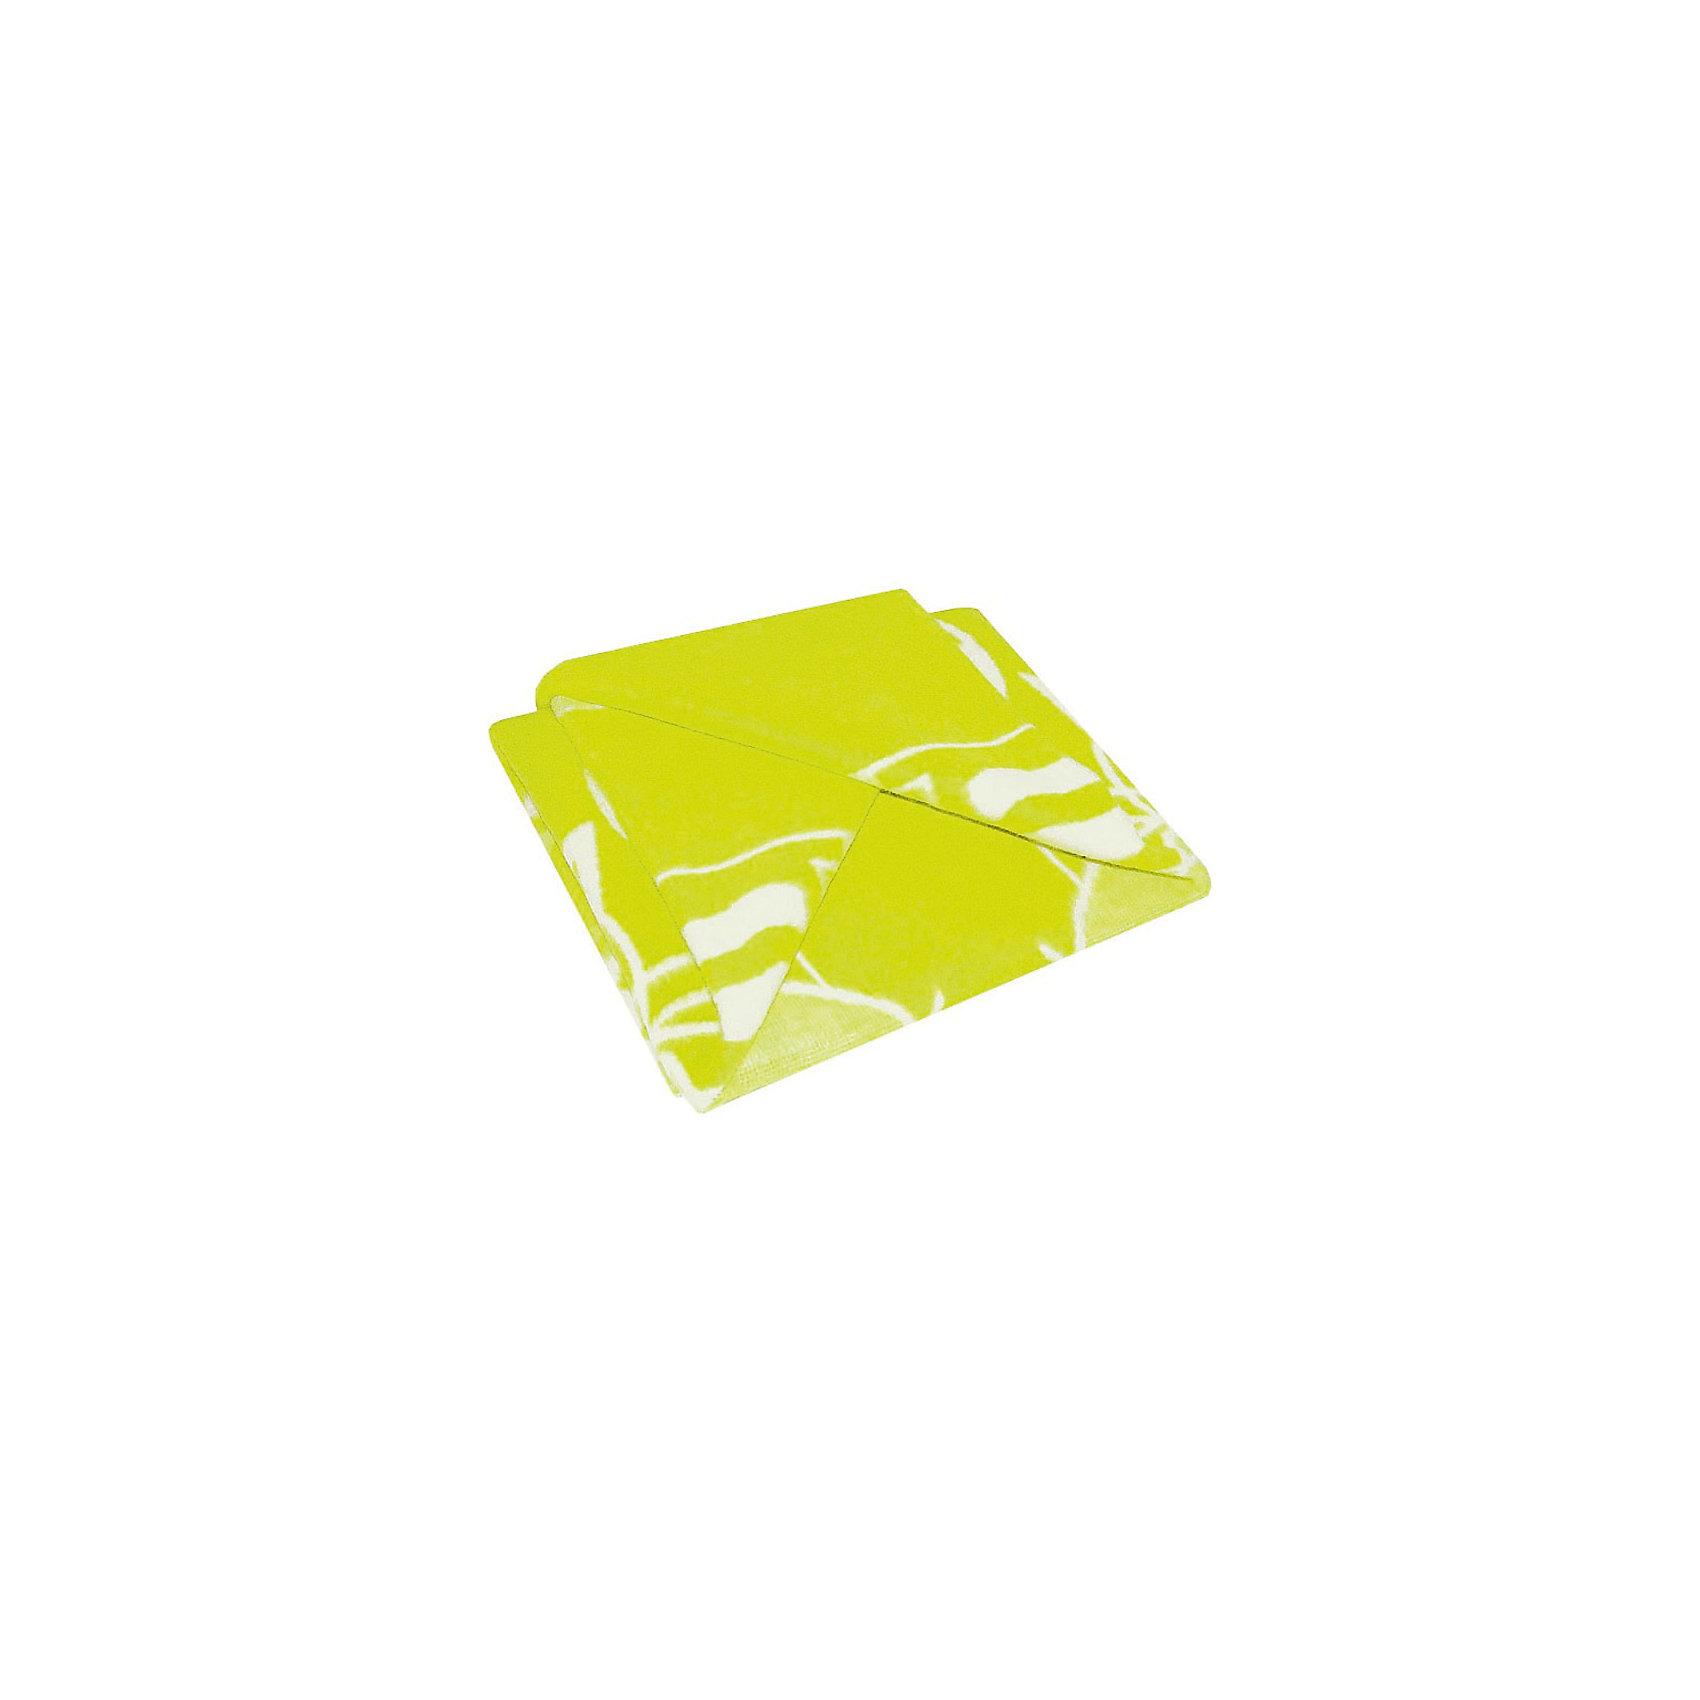 Байковое одеяло 100х118 см., Топотушки, салатовыйОдеяла, пледы<br>Байковое одеяло 100х118 см., Топотушки, салатовый<br><br>Характеристики:<br><br>-Размер: 100х118 см<br>-Цвет: салатовый<br>-Материал: отбеленная и крашеная пряжа, 100% хлопок<br><br>Байковое одеяло 100х118 см., Топотушки, салатовый согреет вашего ребёнка в холодное время года. Одеяло выполнено из 100% хлопка и не вызовет аллергическую реакцию. В одеяло можно запеленать ребёнку, благодаря его размеру. Оно мягкое и приятное на ощупь, поэтому сделает сон вашего ребёнка еще комфортнее. <br><br>Байковое одеяло 100х118 см., Топотушки, салатовый можно приобрести в нашем интернет-магазине.<br><br>Ширина мм: 350<br>Глубина мм: 310<br>Высота мм: 30<br>Вес г: 580<br>Возраст от месяцев: 0<br>Возраст до месяцев: 36<br>Пол: Унисекс<br>Возраст: Детский<br>SKU: 5086331